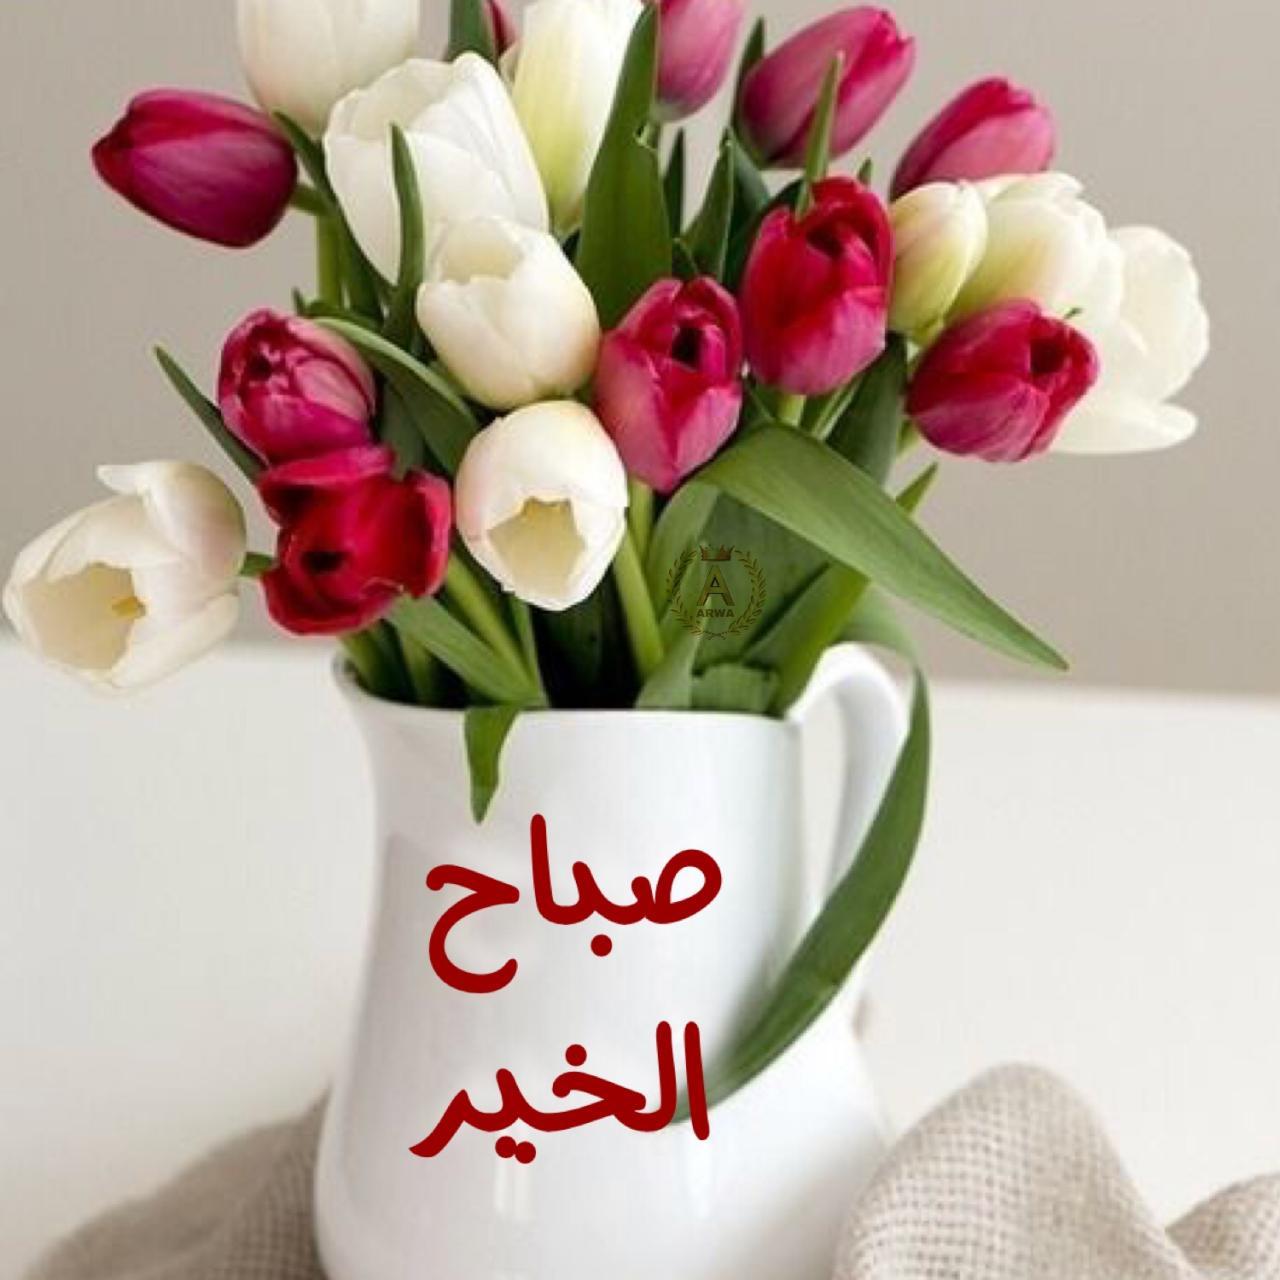 صورة صباح الخير صباح الورد , احلى صباح باحلى بوكيه ورد رائع